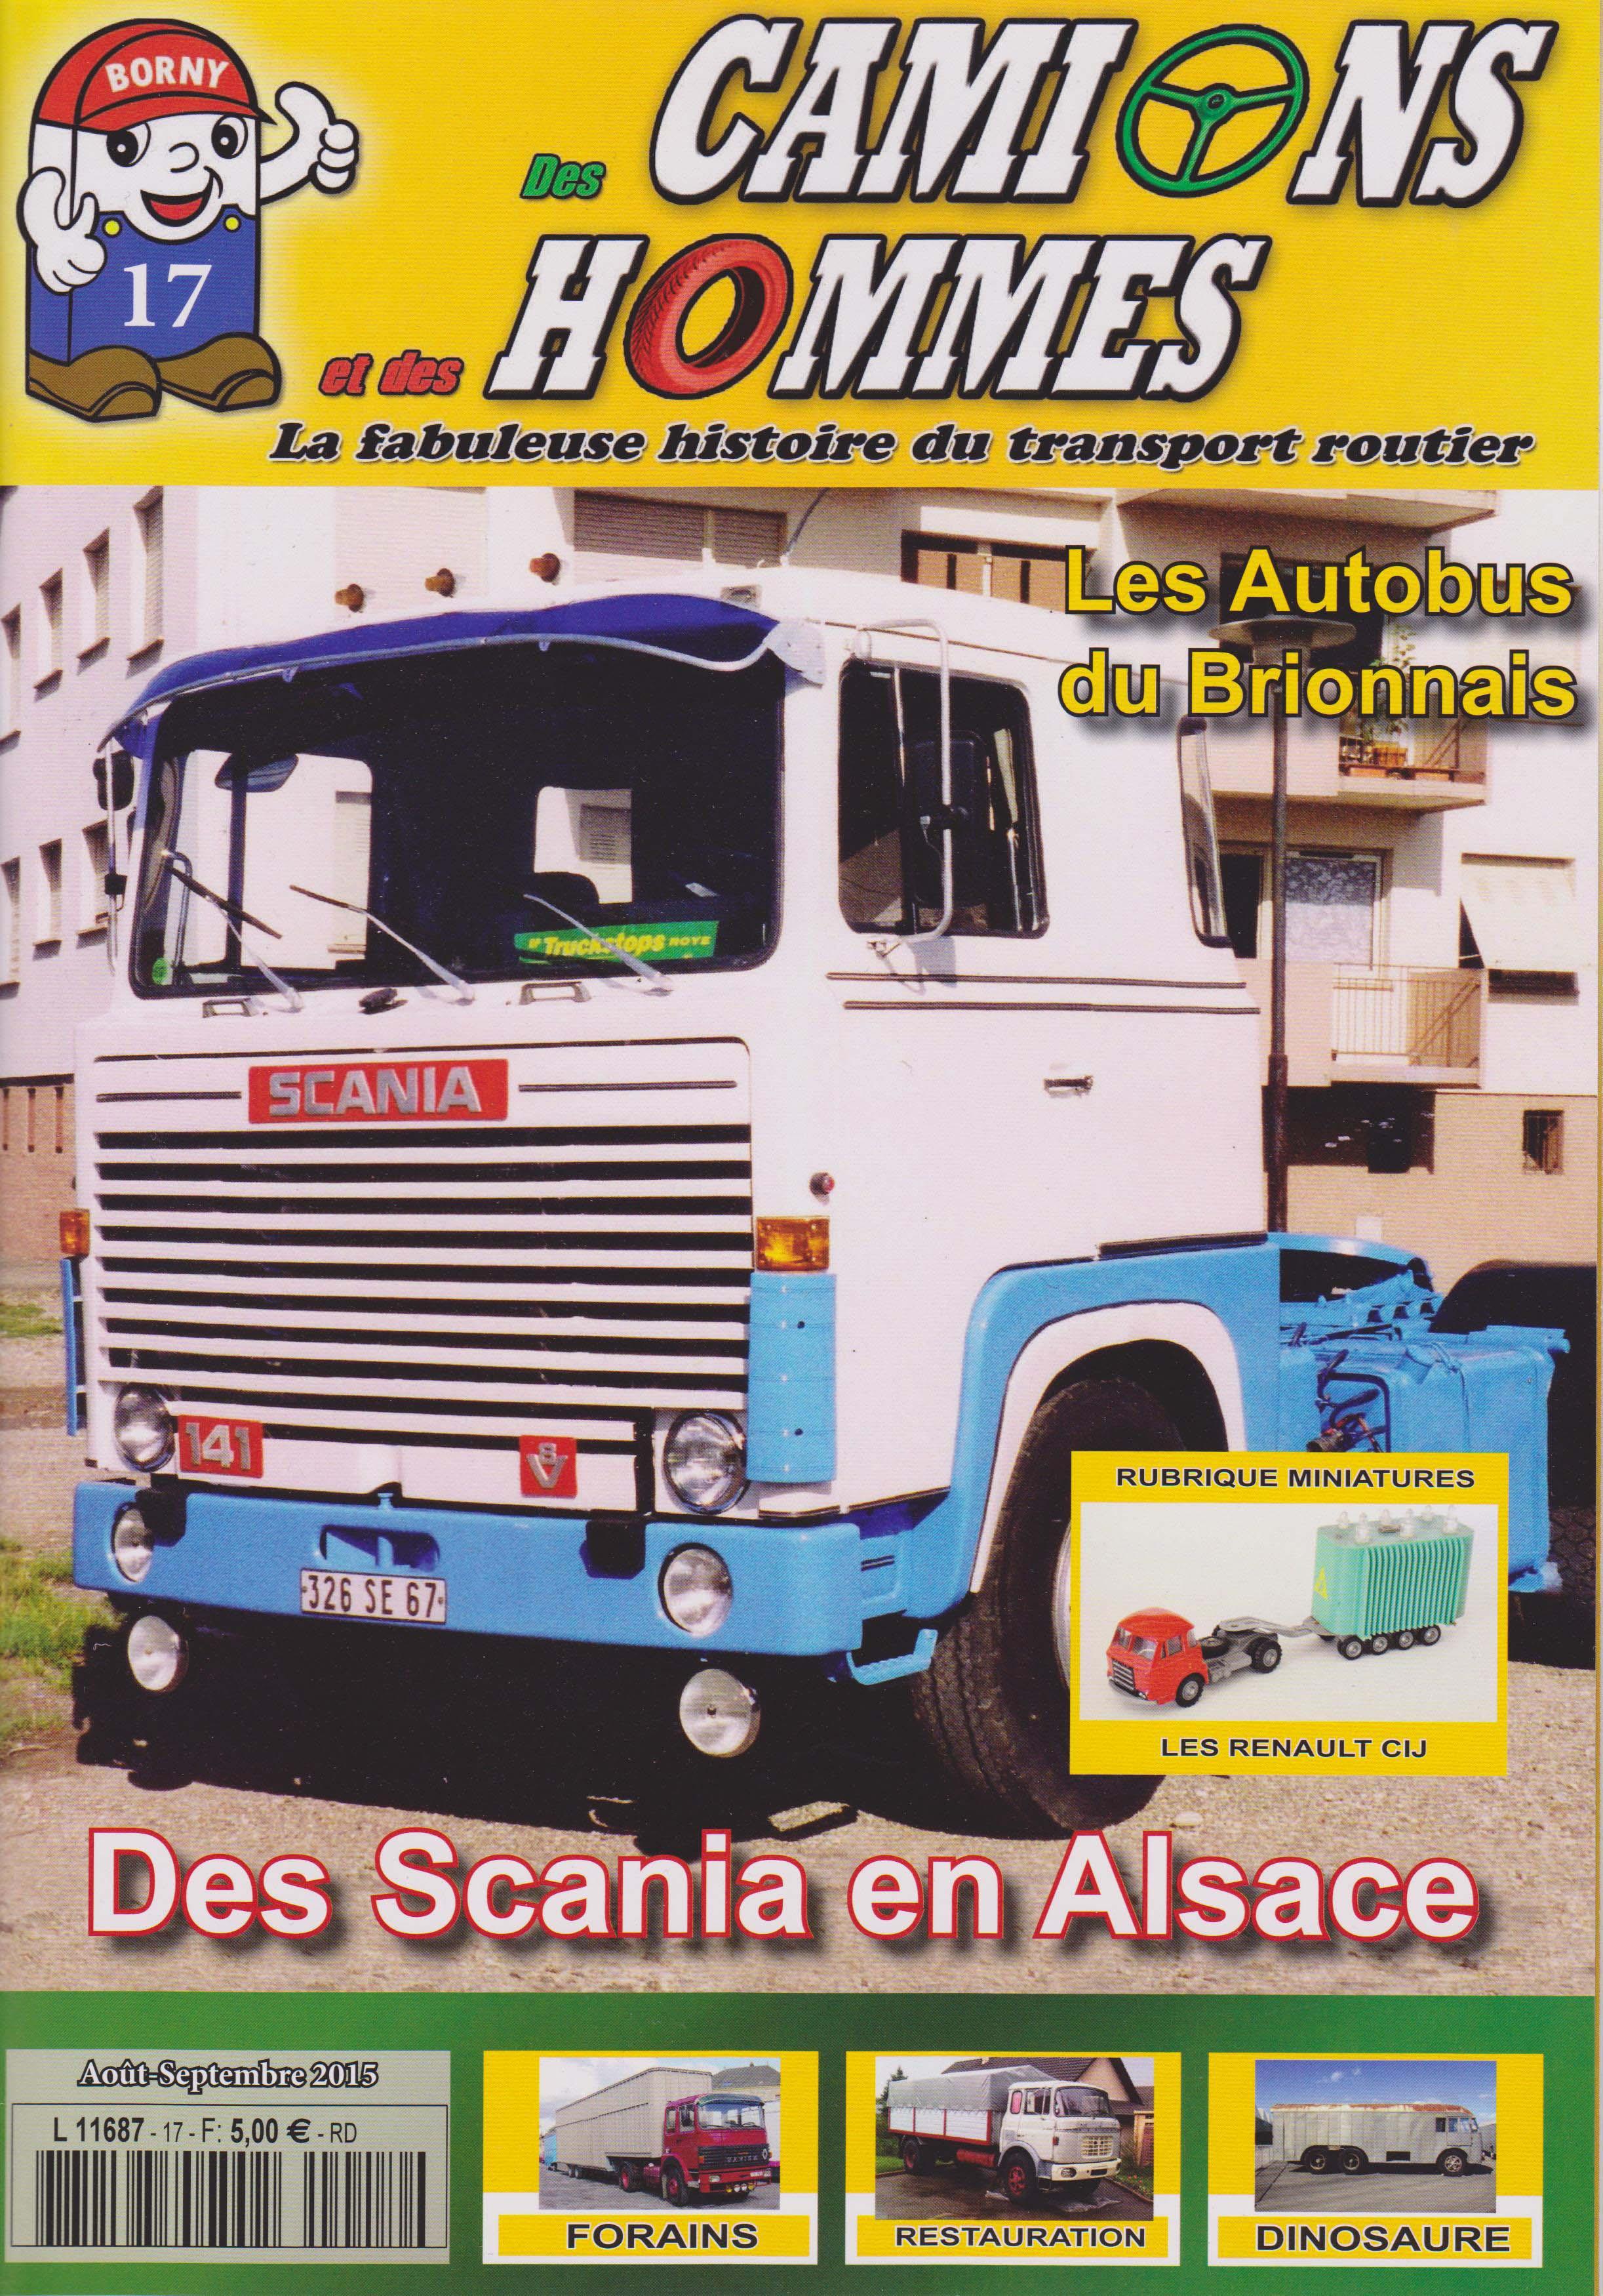 Magazine N°17 Des Camions et des Hommes (Etranger)